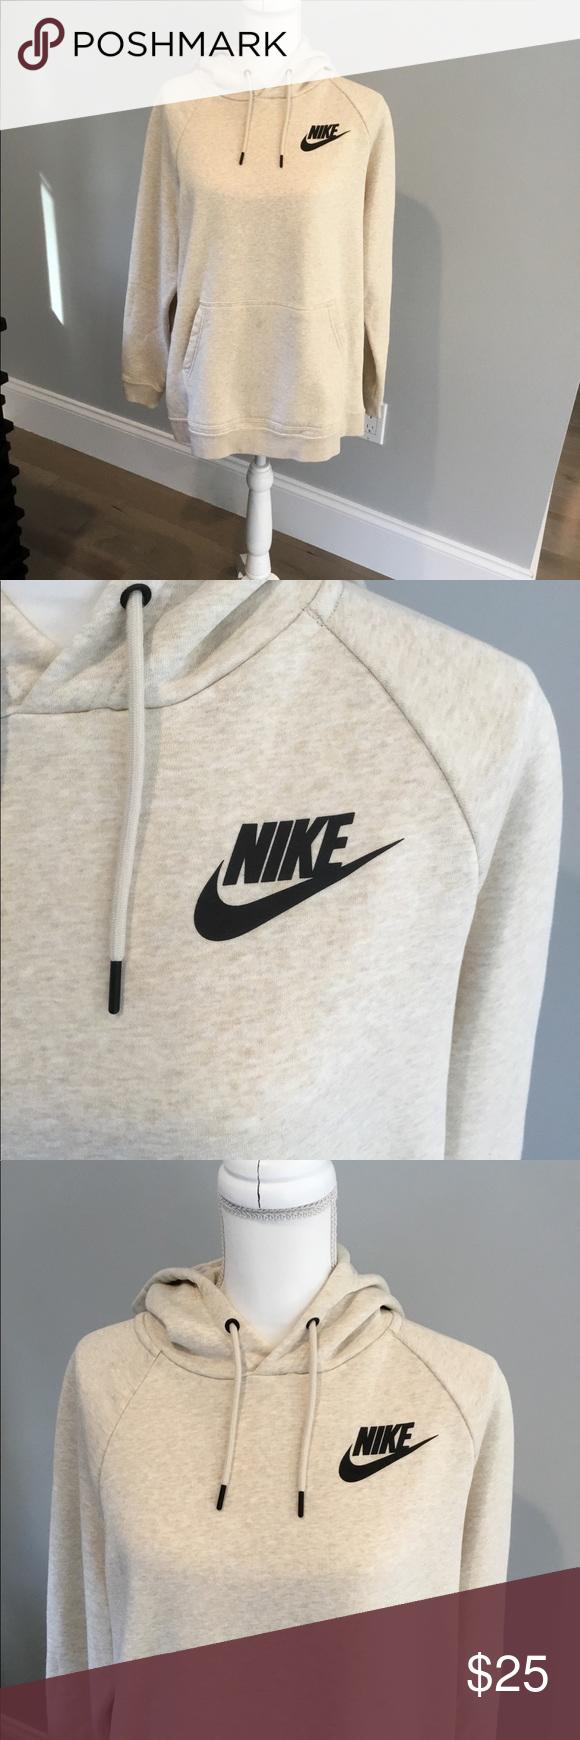 Nike Hooded Sweatshirt Hooded Sweatshirts Nike Sweatshirts Sweatshirts [ 1740 x 580 Pixel ]